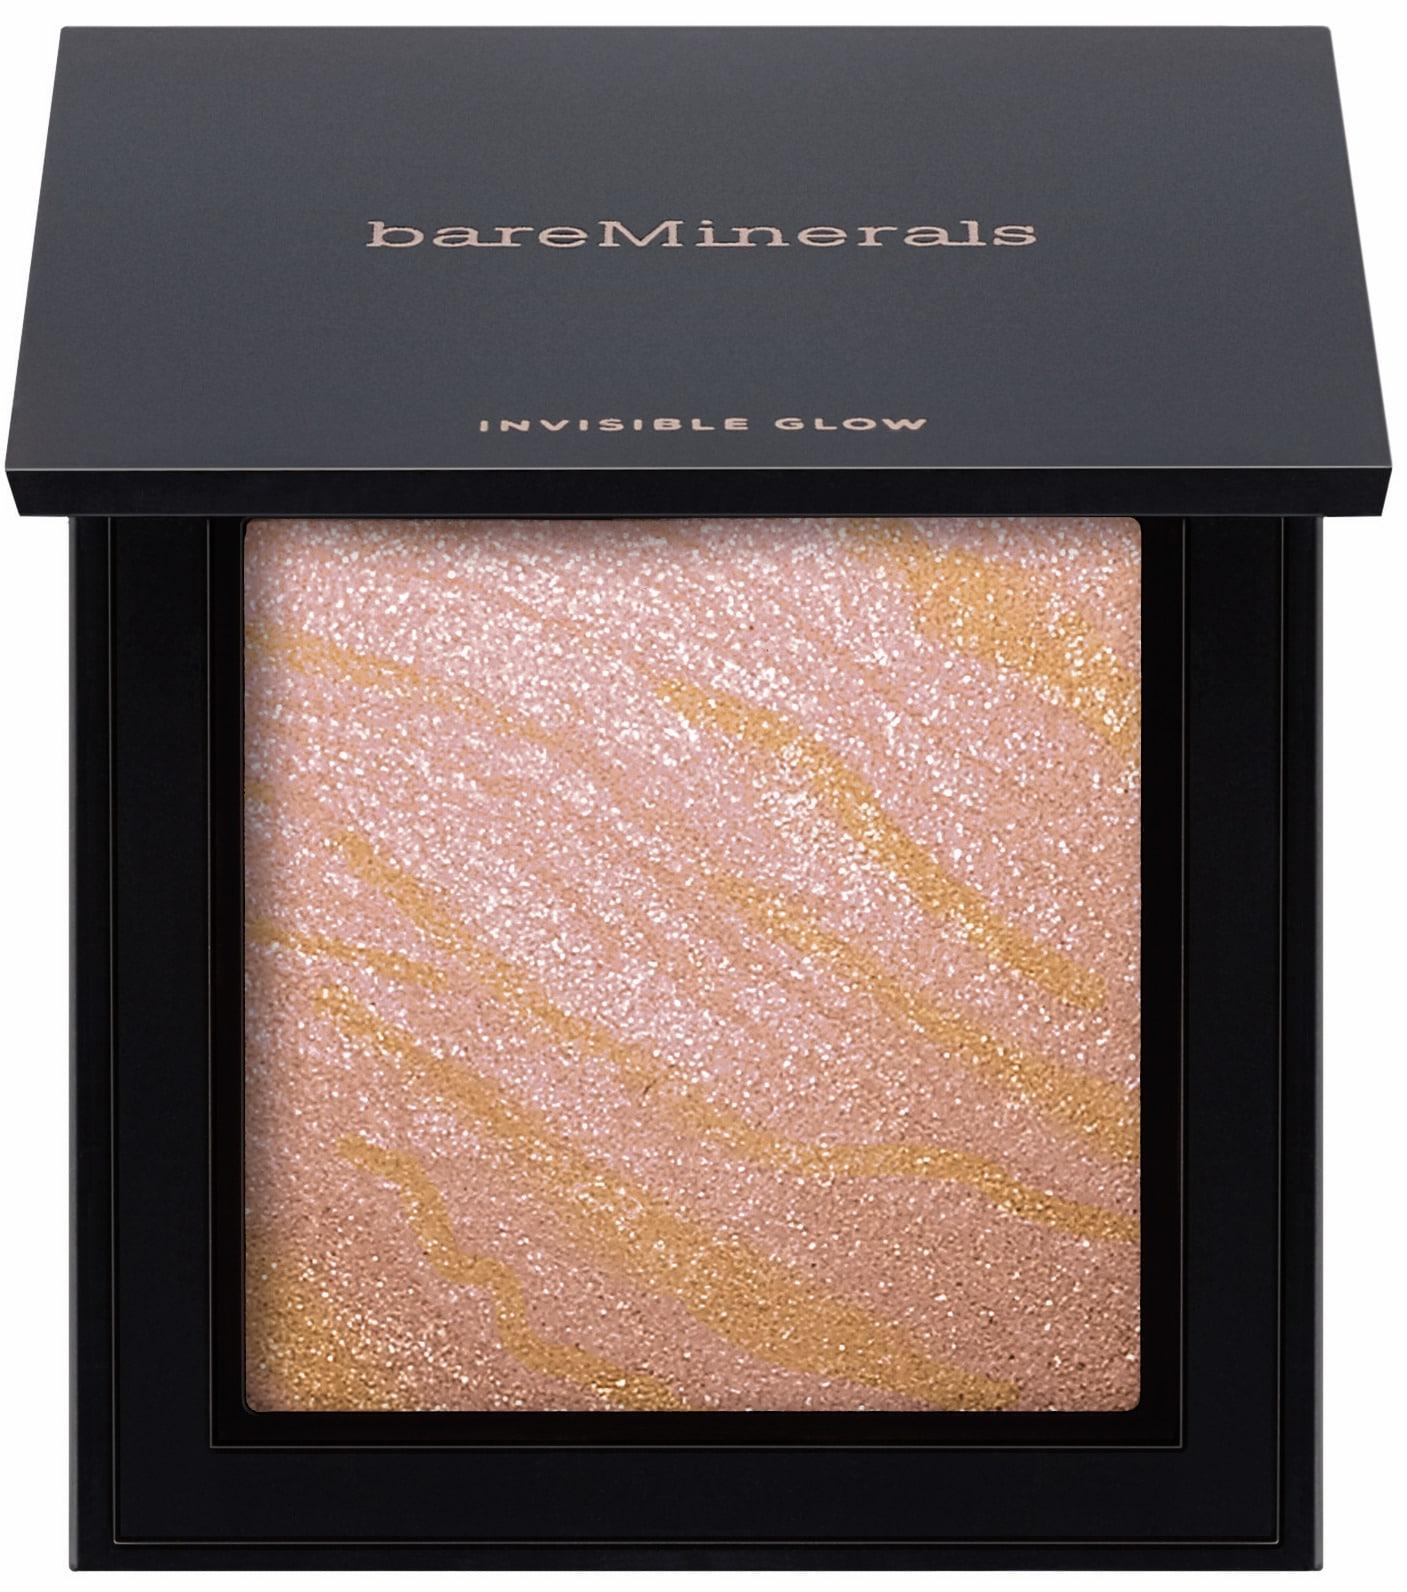 Una polvere illuminante sottile e invisibile per dare luce alla pelle by bareMinerals